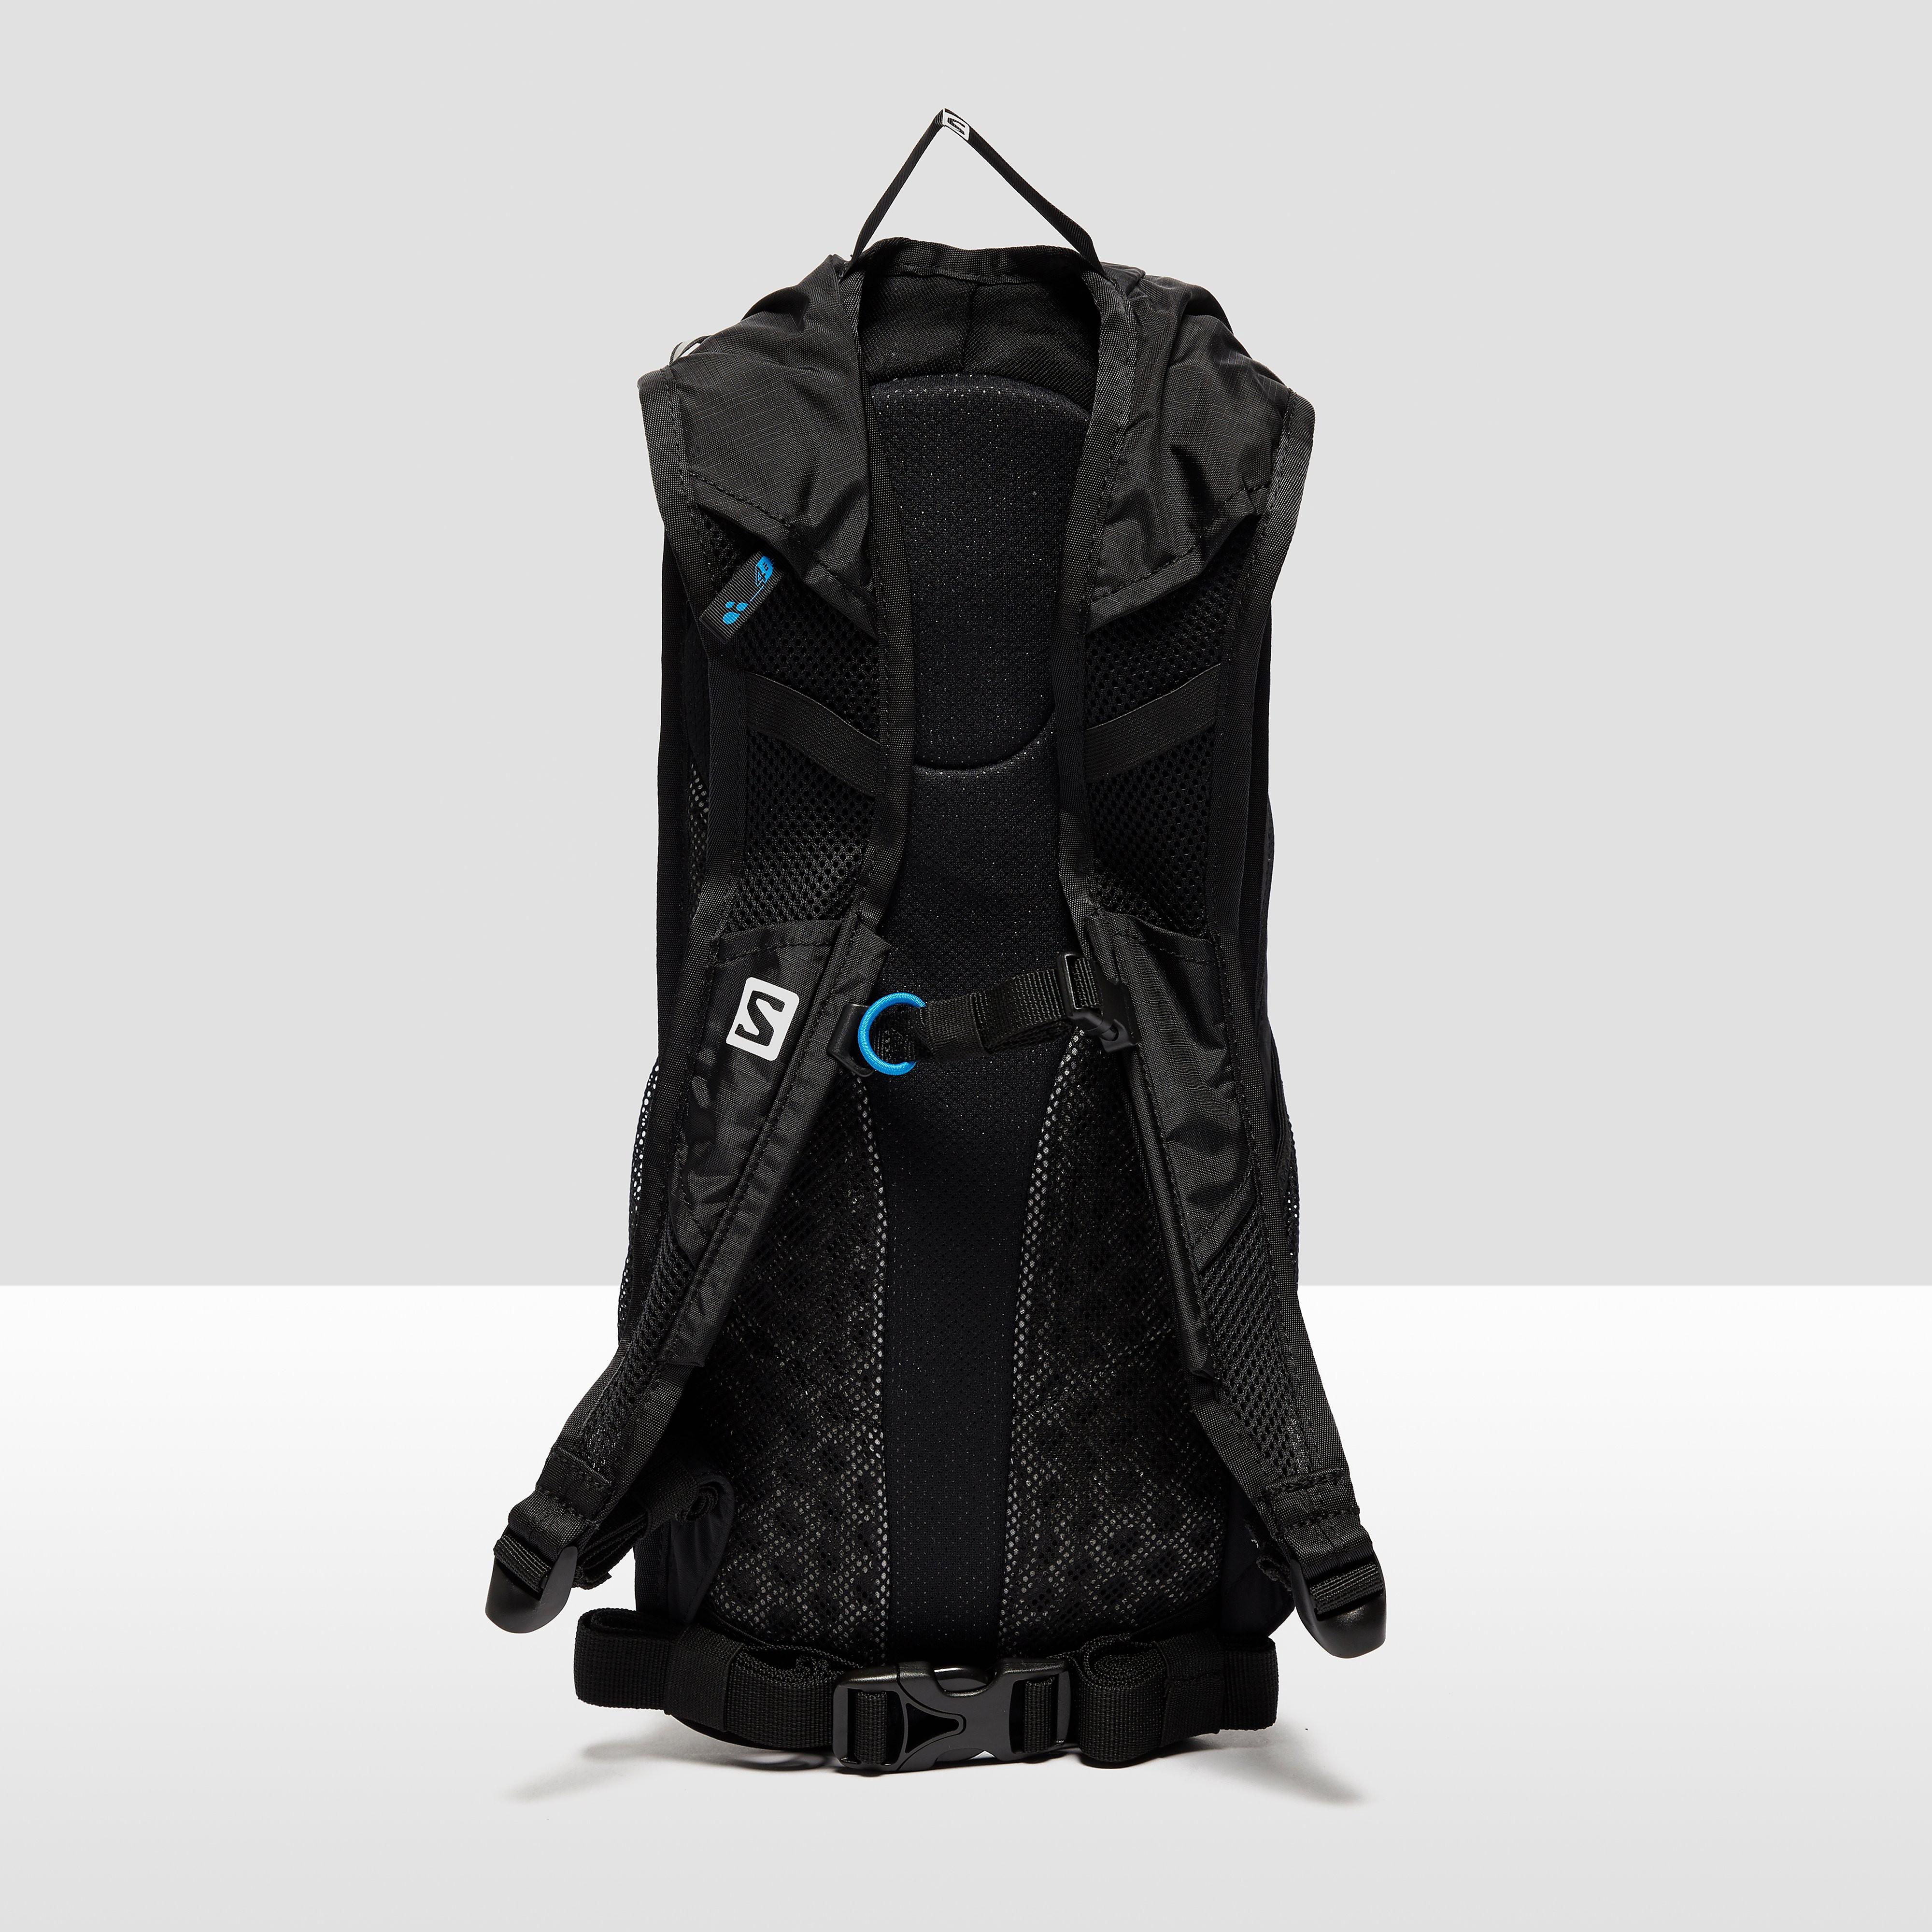 Salomon Trail 10 Running Backpack